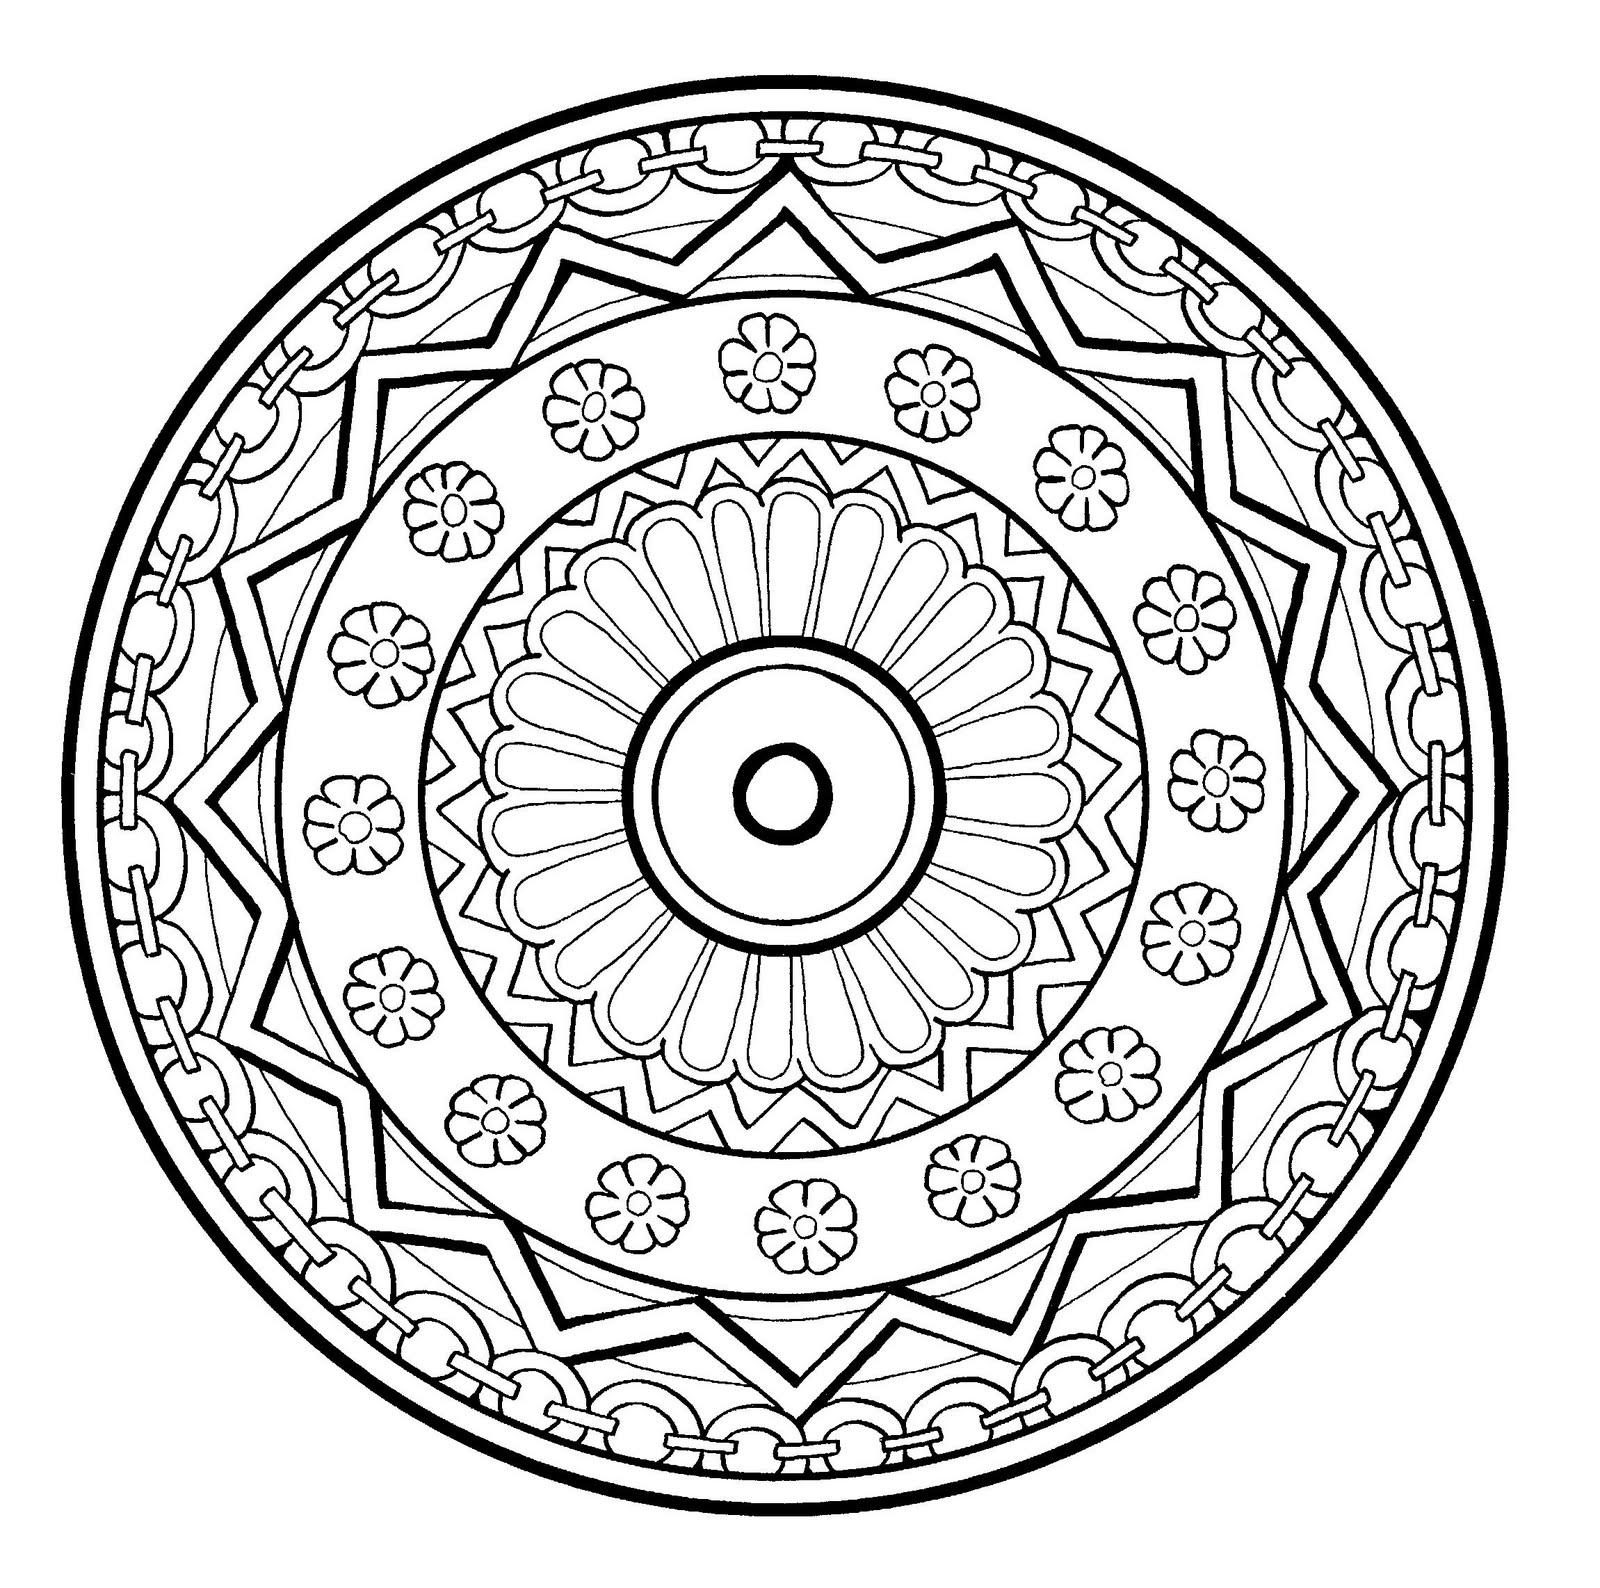 Mandalas de difficult normale 100 mandalas zen anti stress mandala a colorier gratuit a - Mandalas a colorier gratuit ...